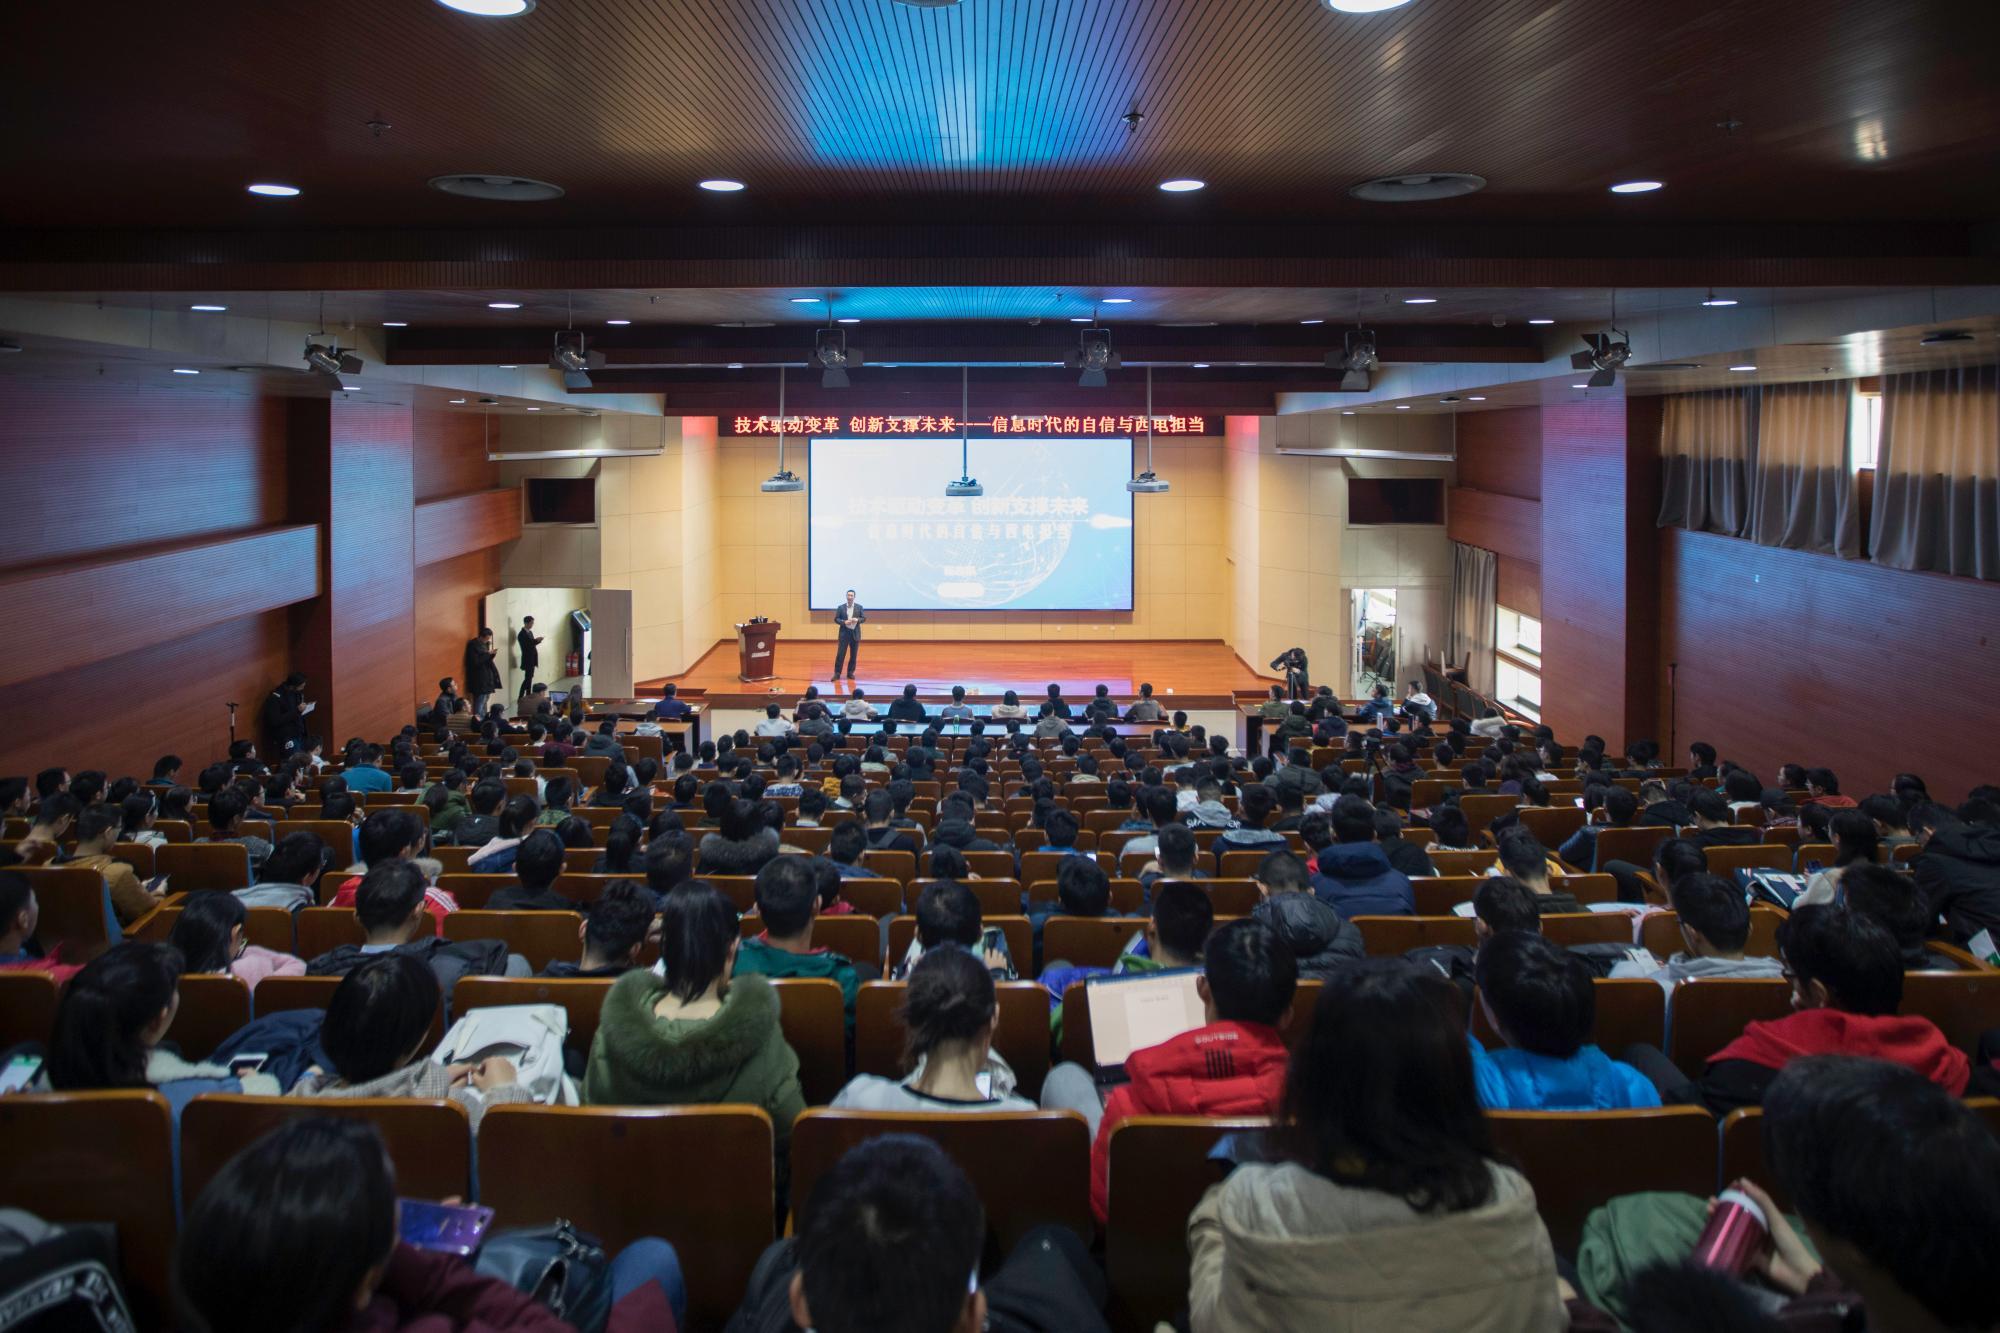 校长杨宗凯讲思政课:信息时代的自信与西电担当